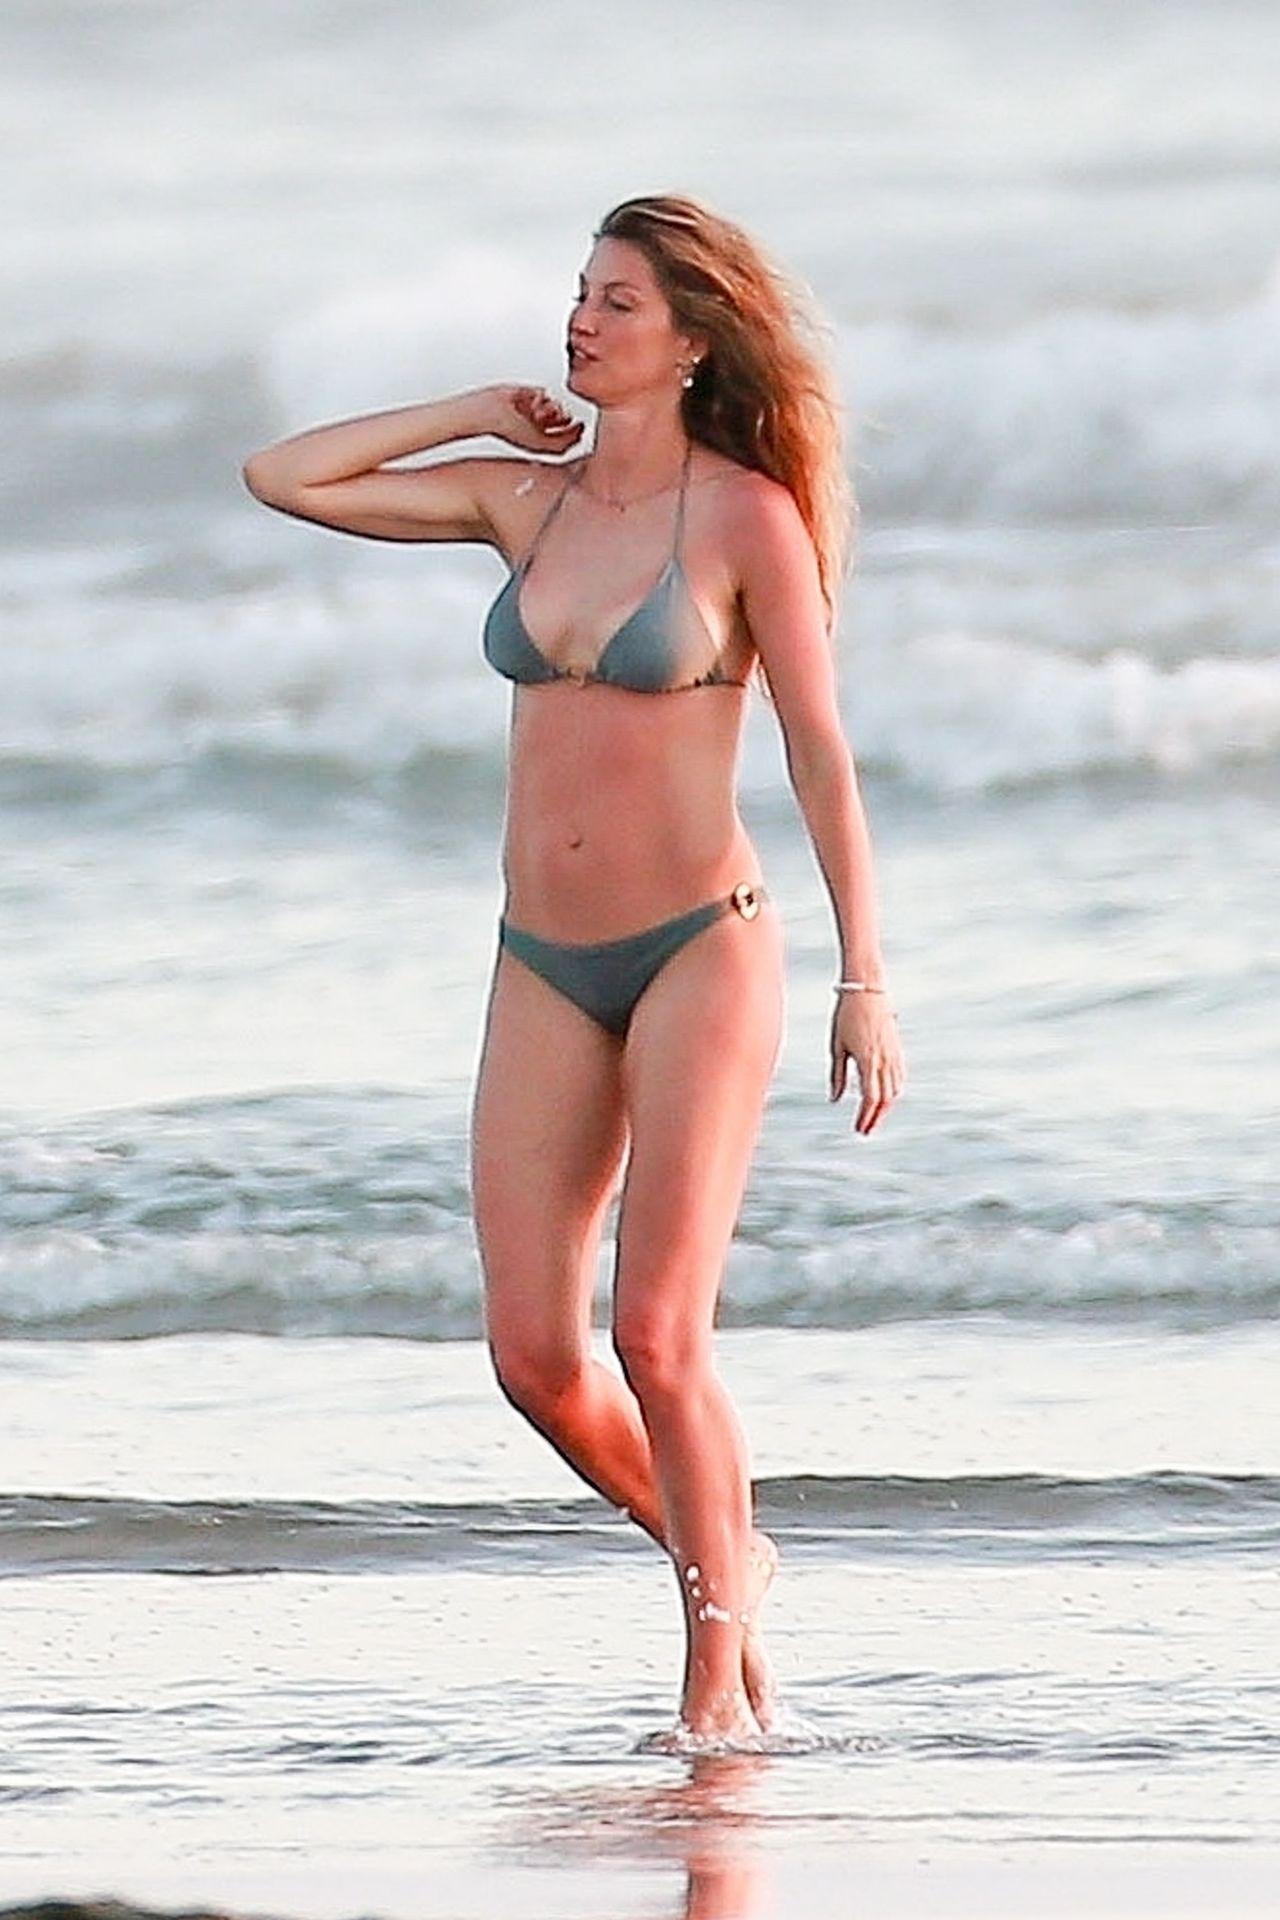 Gisele Bündchen Is Seen Enjoying The Warm Weather In Costa Rica 0016